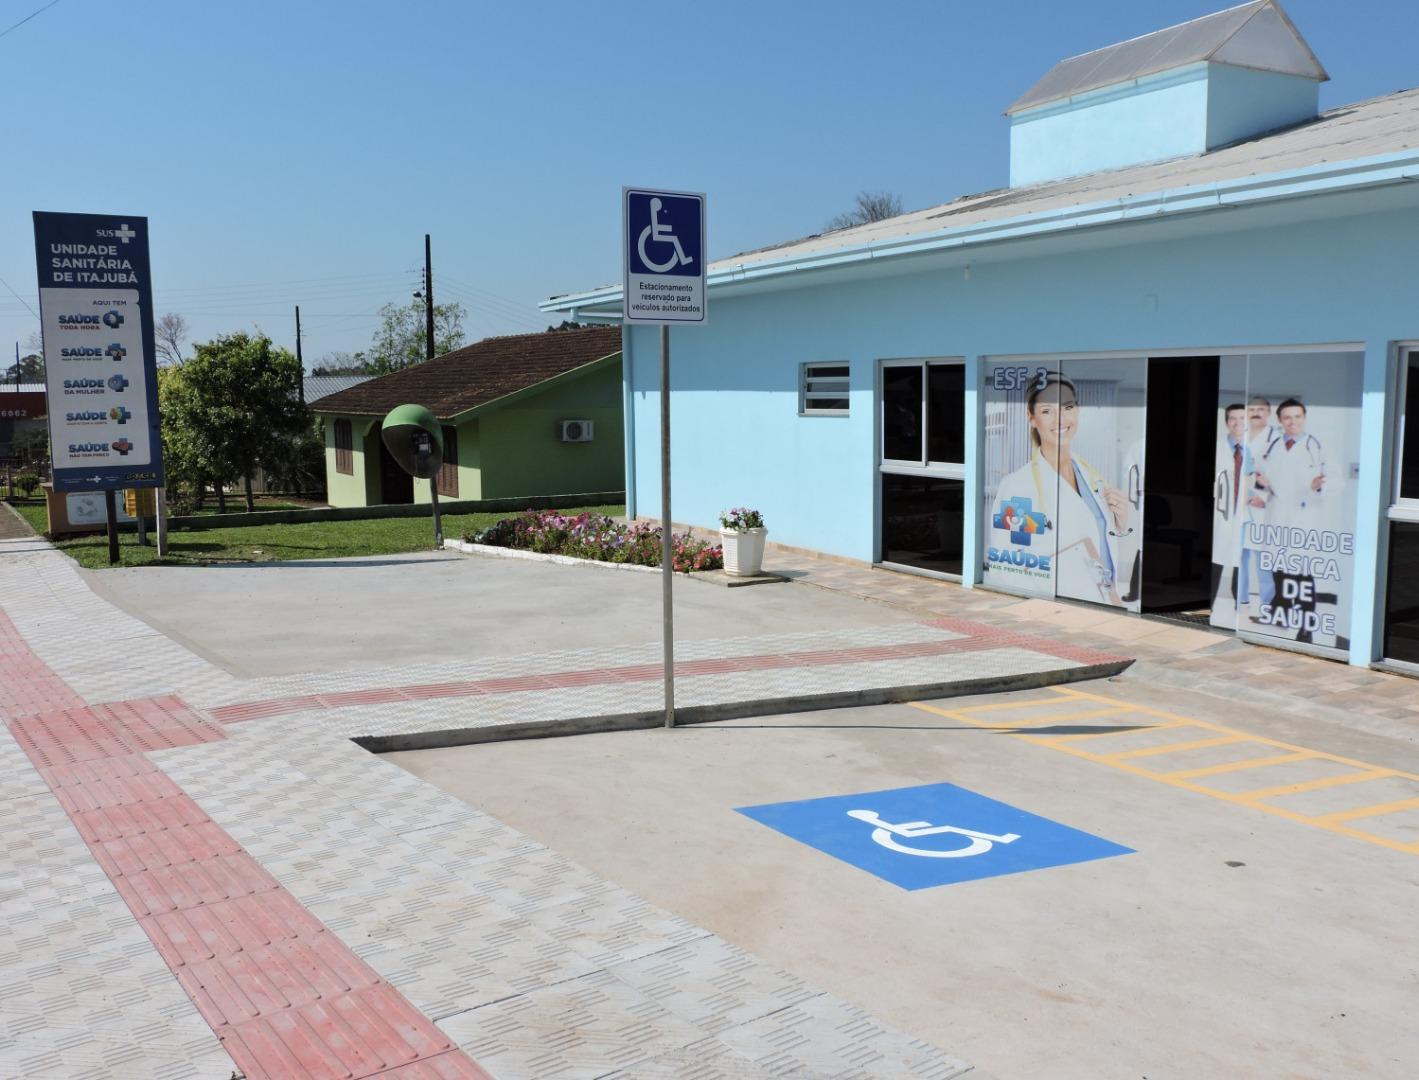 Descanso investe cerca de R$ 20 mil em obras de acessibilidade